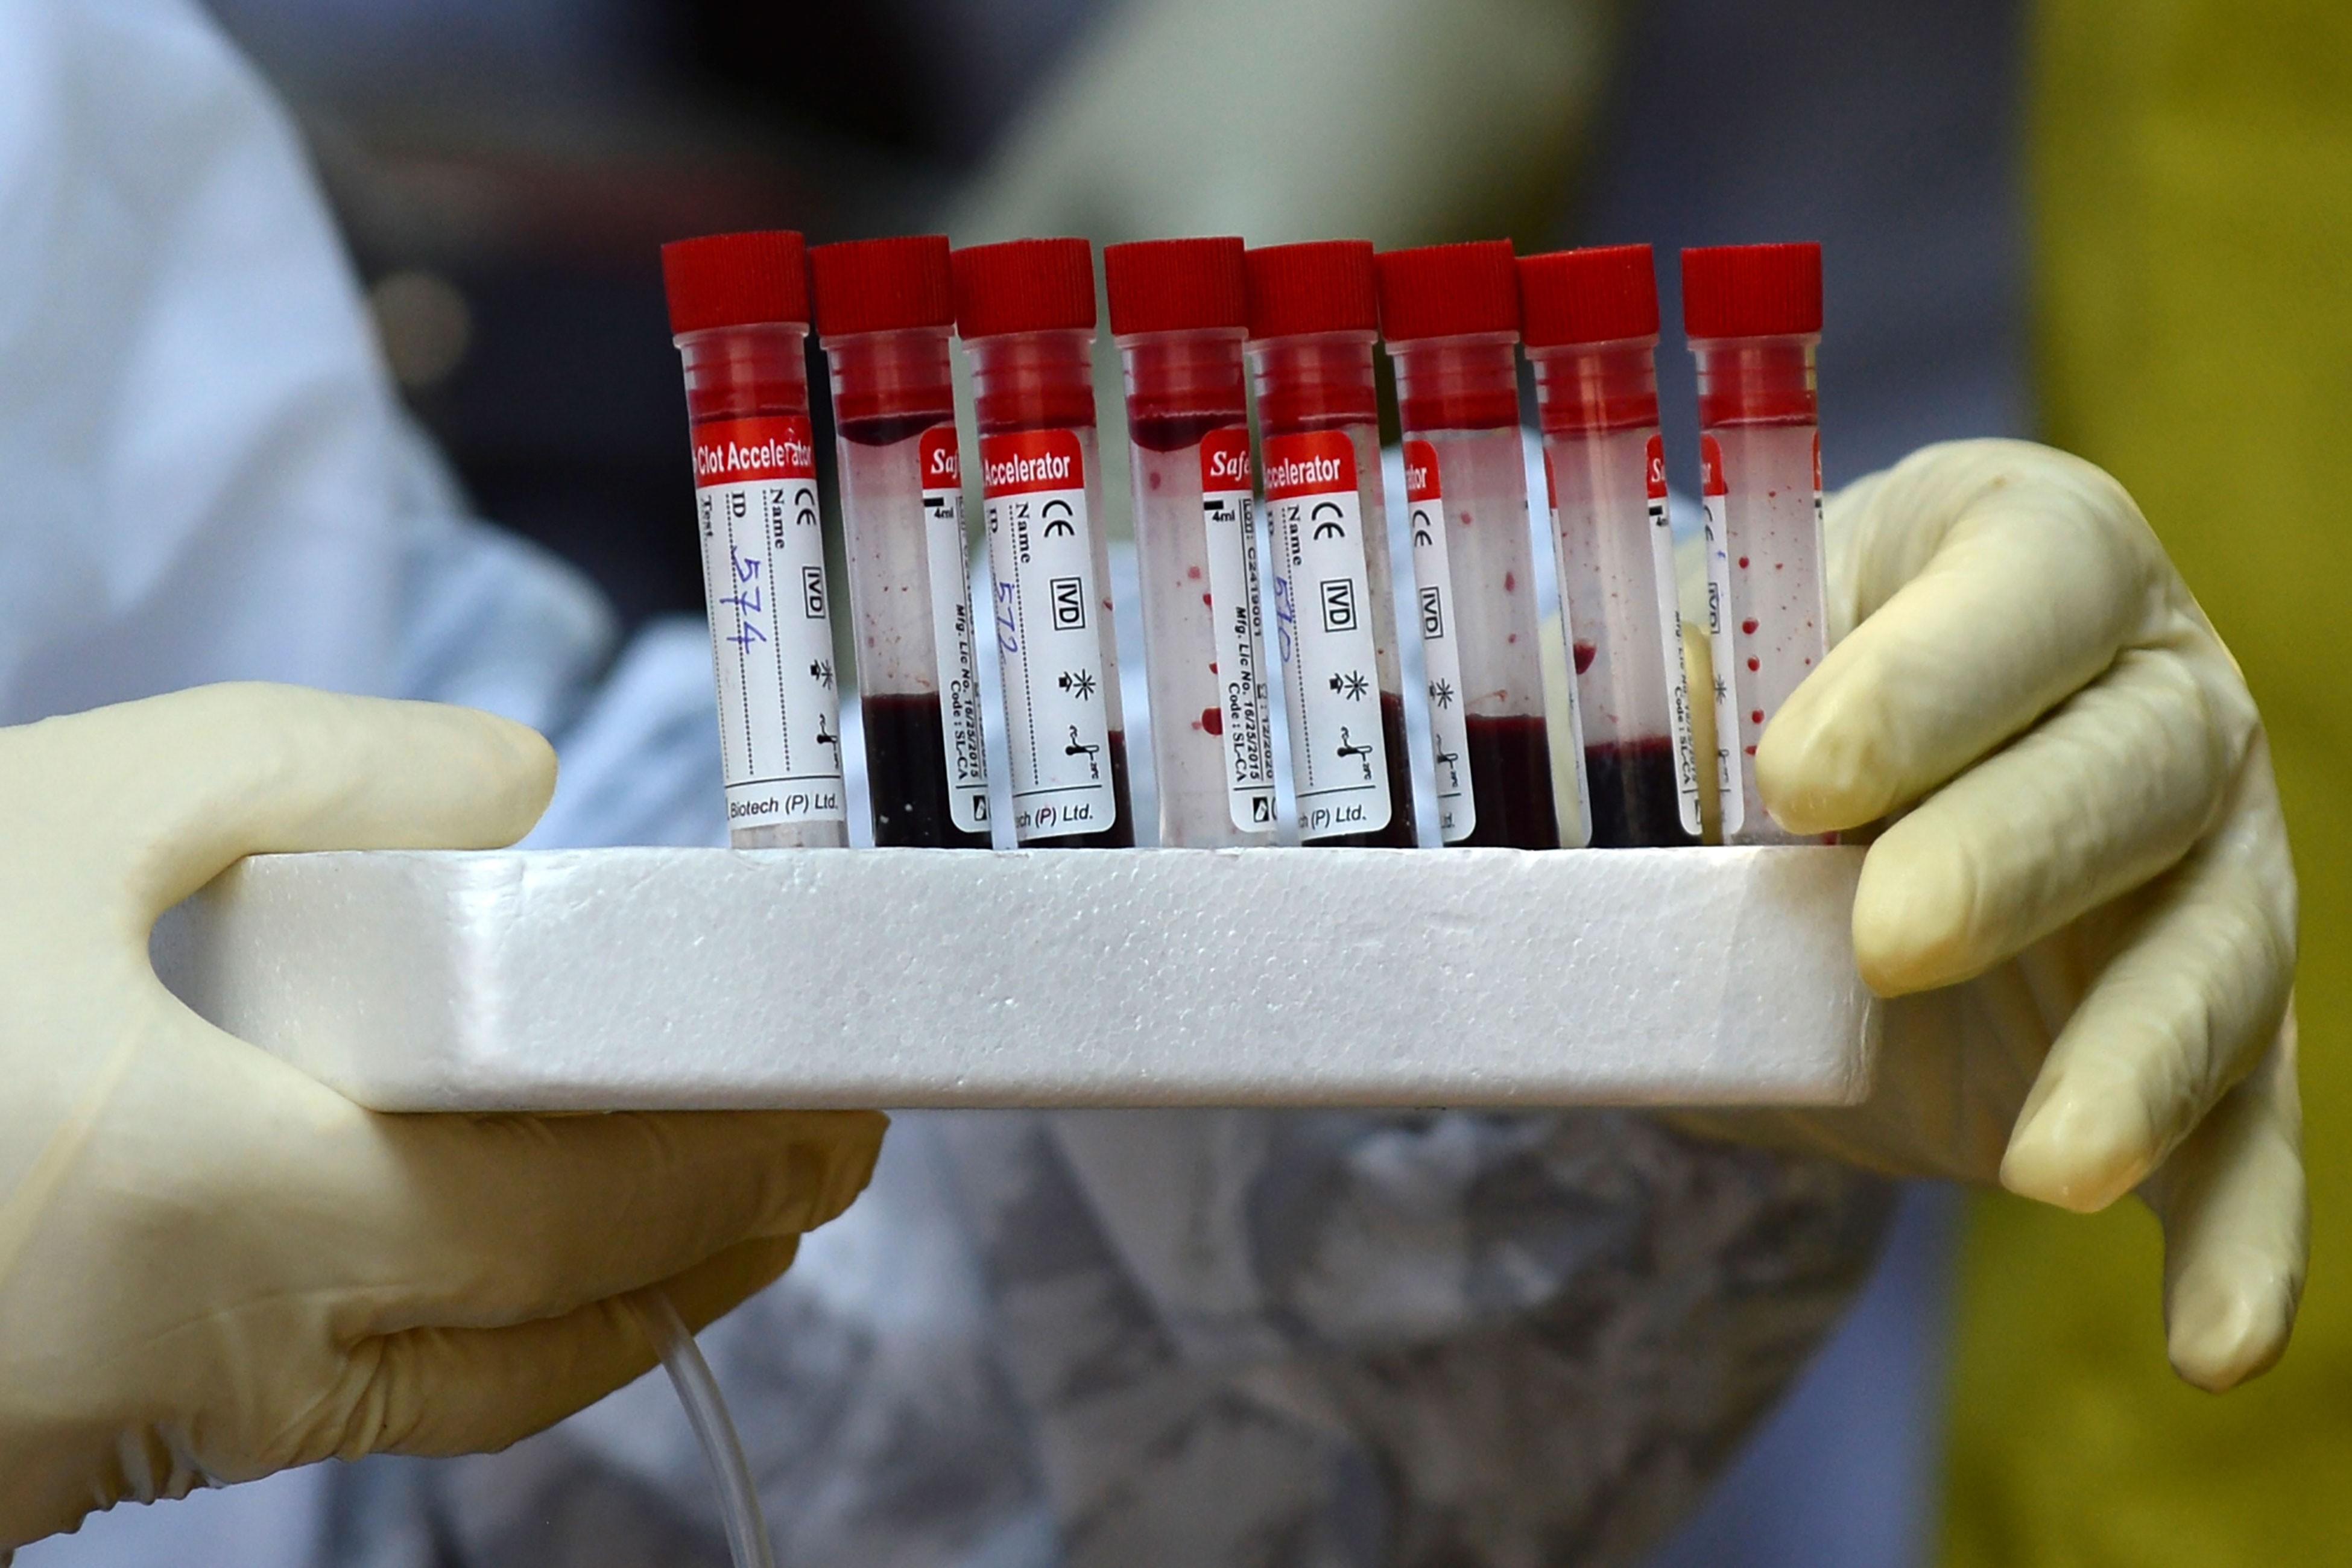 Coronavírus: prefeituras da região de Campinas confirmam novos casos nesta segunda-feira, 18 de maio